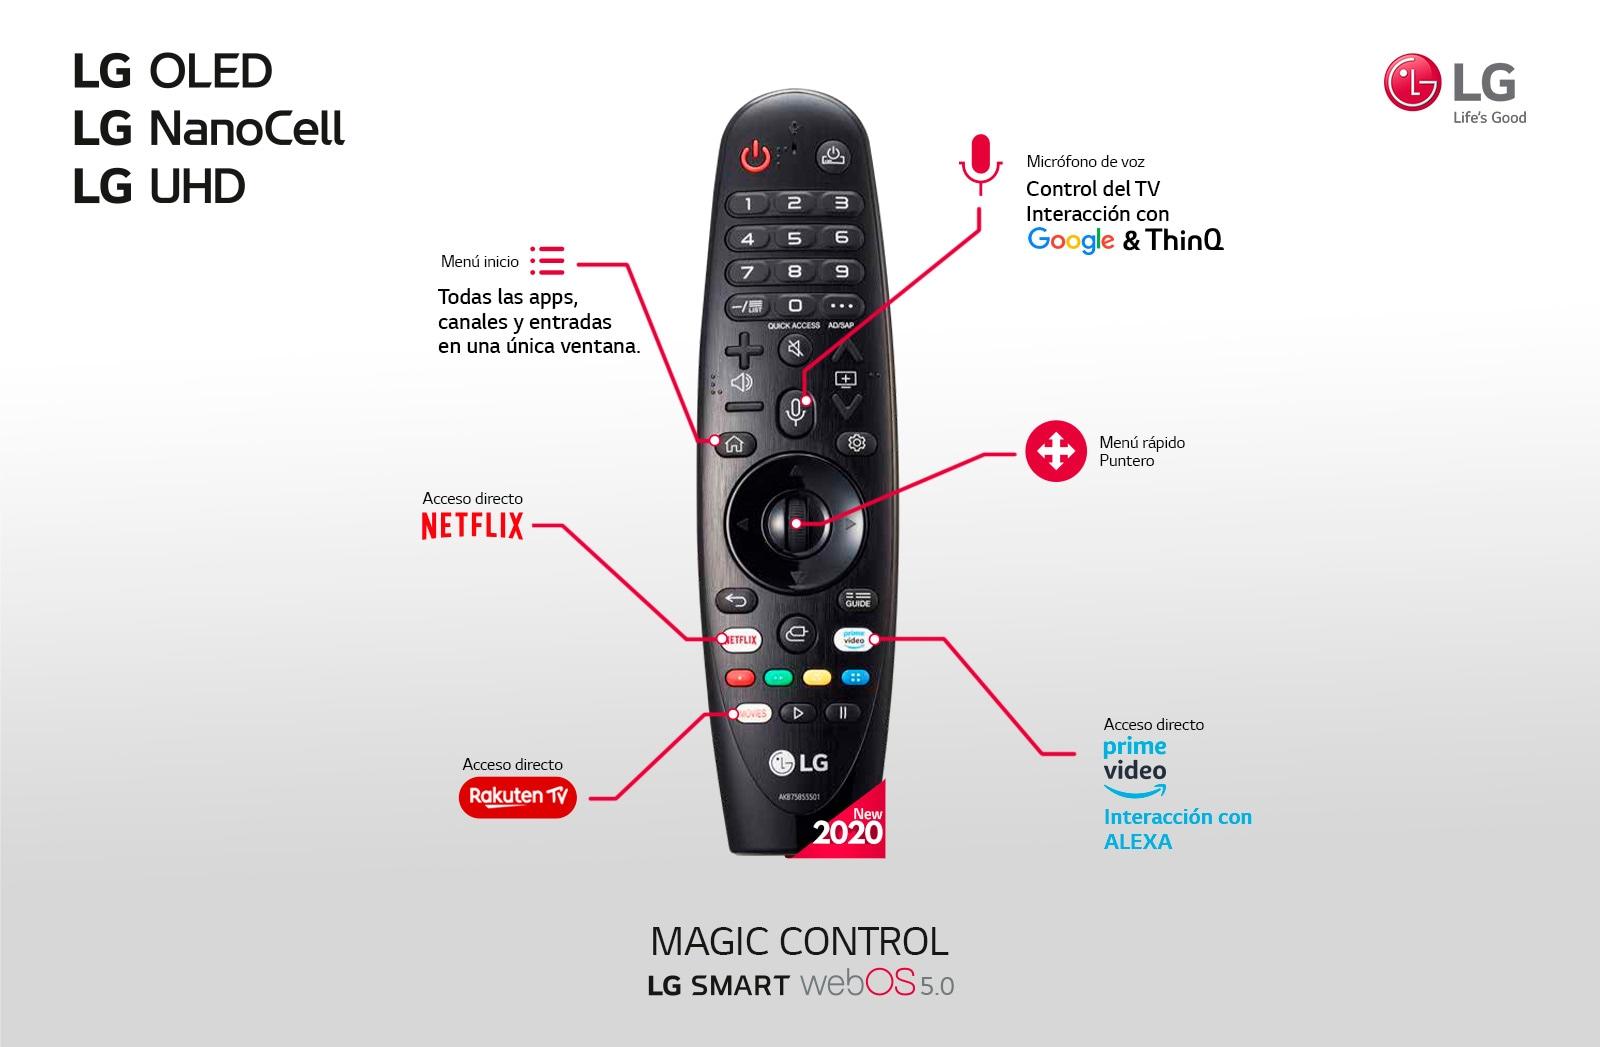 LG_magiccontrol_1600x1047